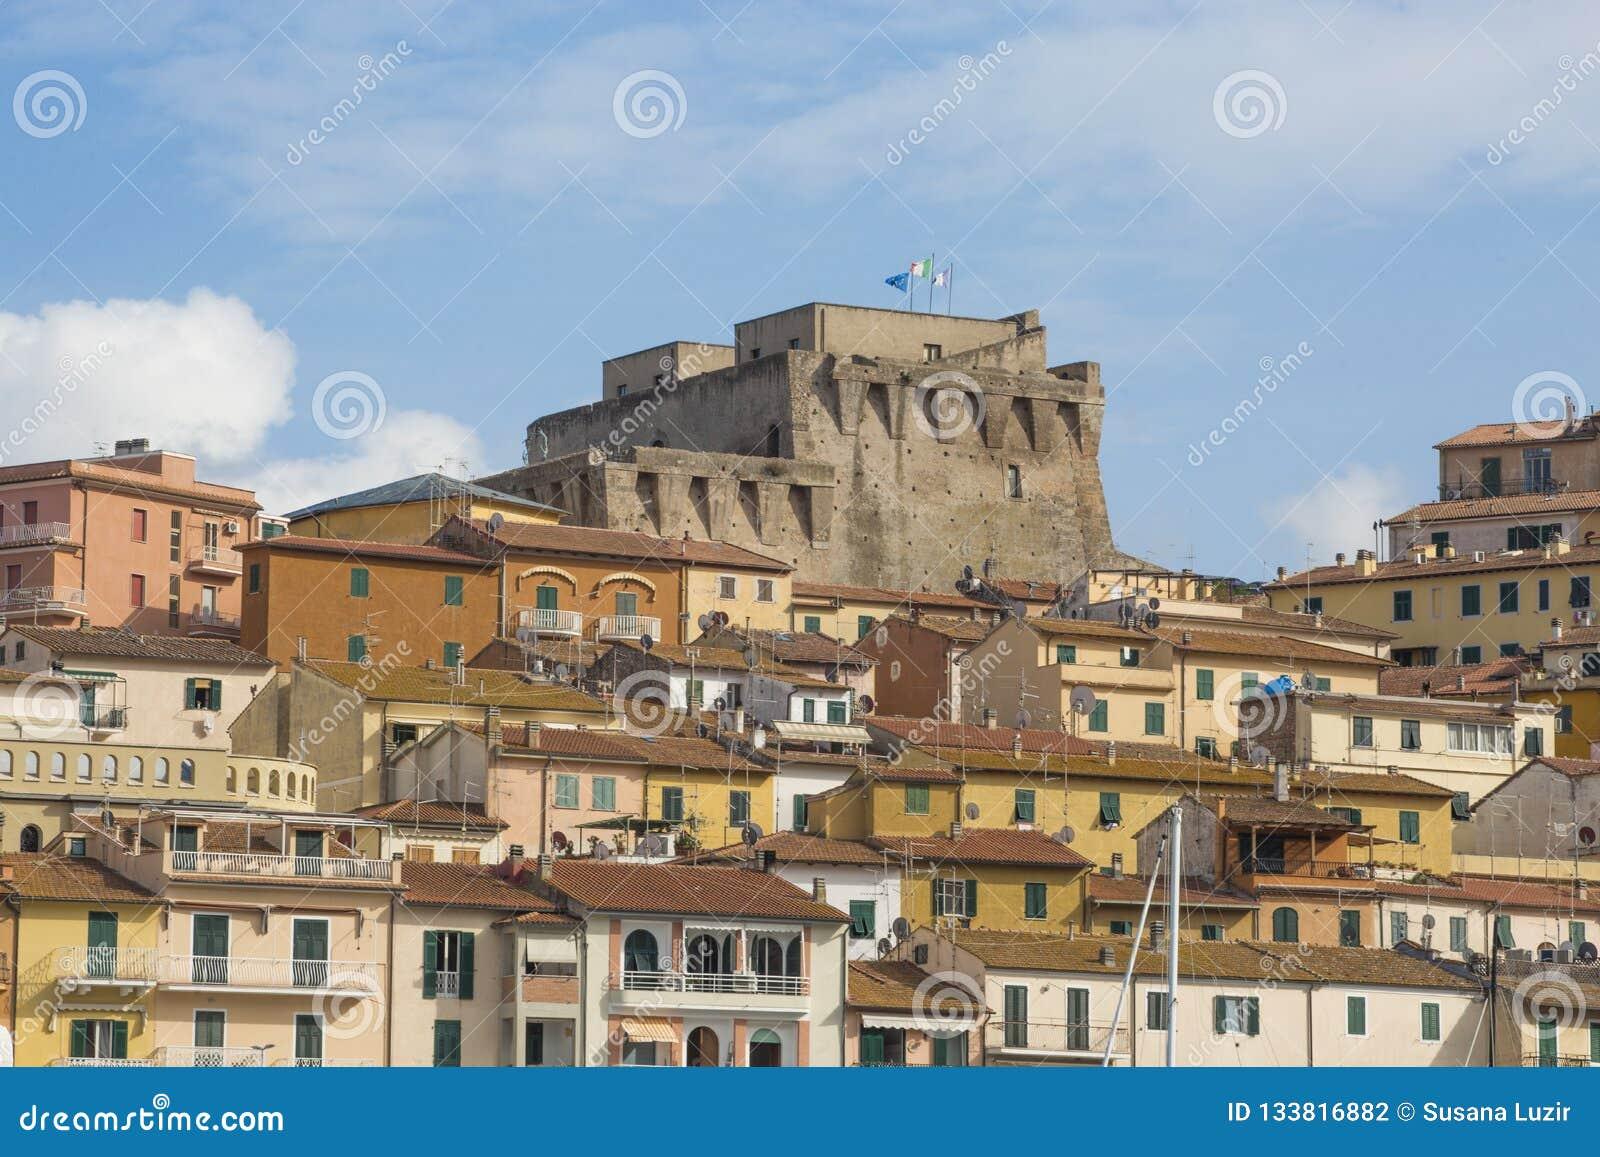 WŁOCHY - HISZPAŃSKI forteca - 6 2018 WRZESIEŃ Fortezza Spagnola Hiszpański forteca jest nabrzeżnym fortyfikacją który dominuje Po